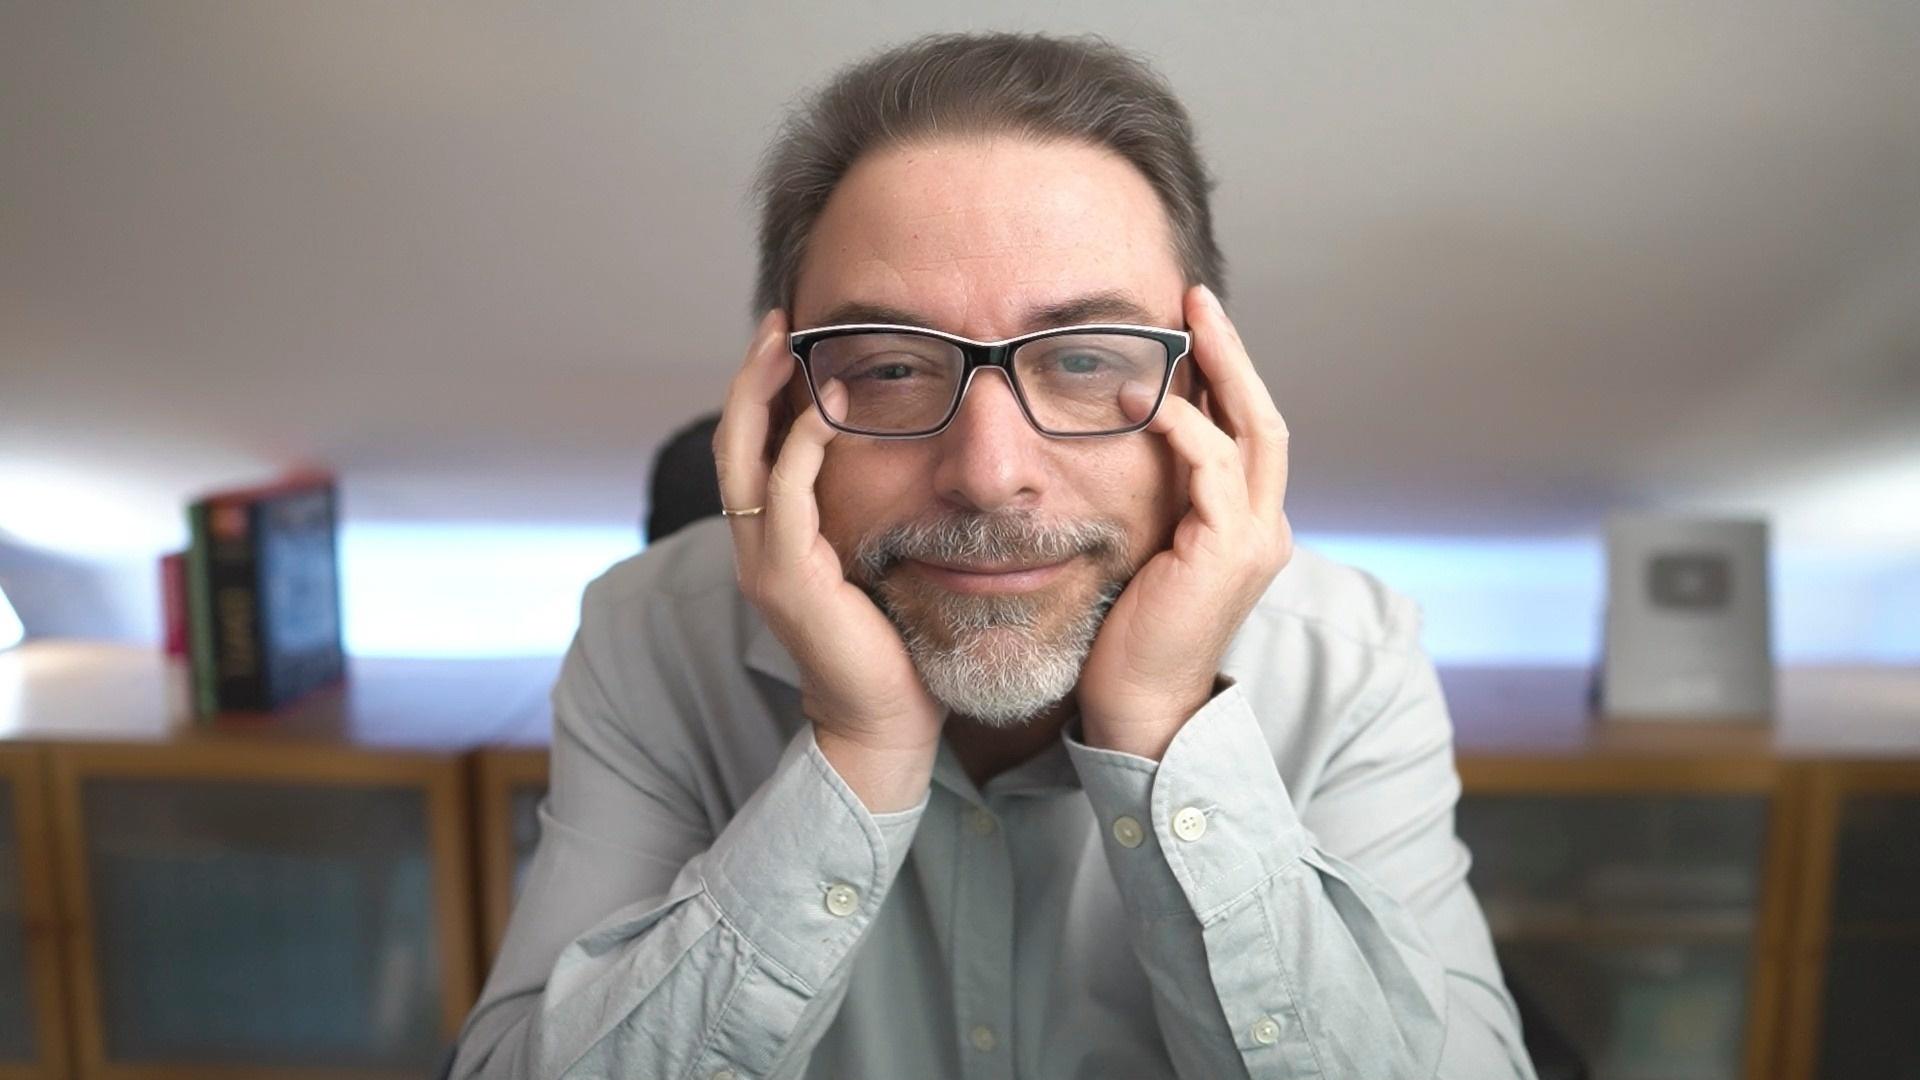 retrato Javi Galué para cursos online de OBS- Zoom - Youtube - Hablar a la Cámara - Neurocomunicación - Habilidades de Comunicación - Comunica y Conecta